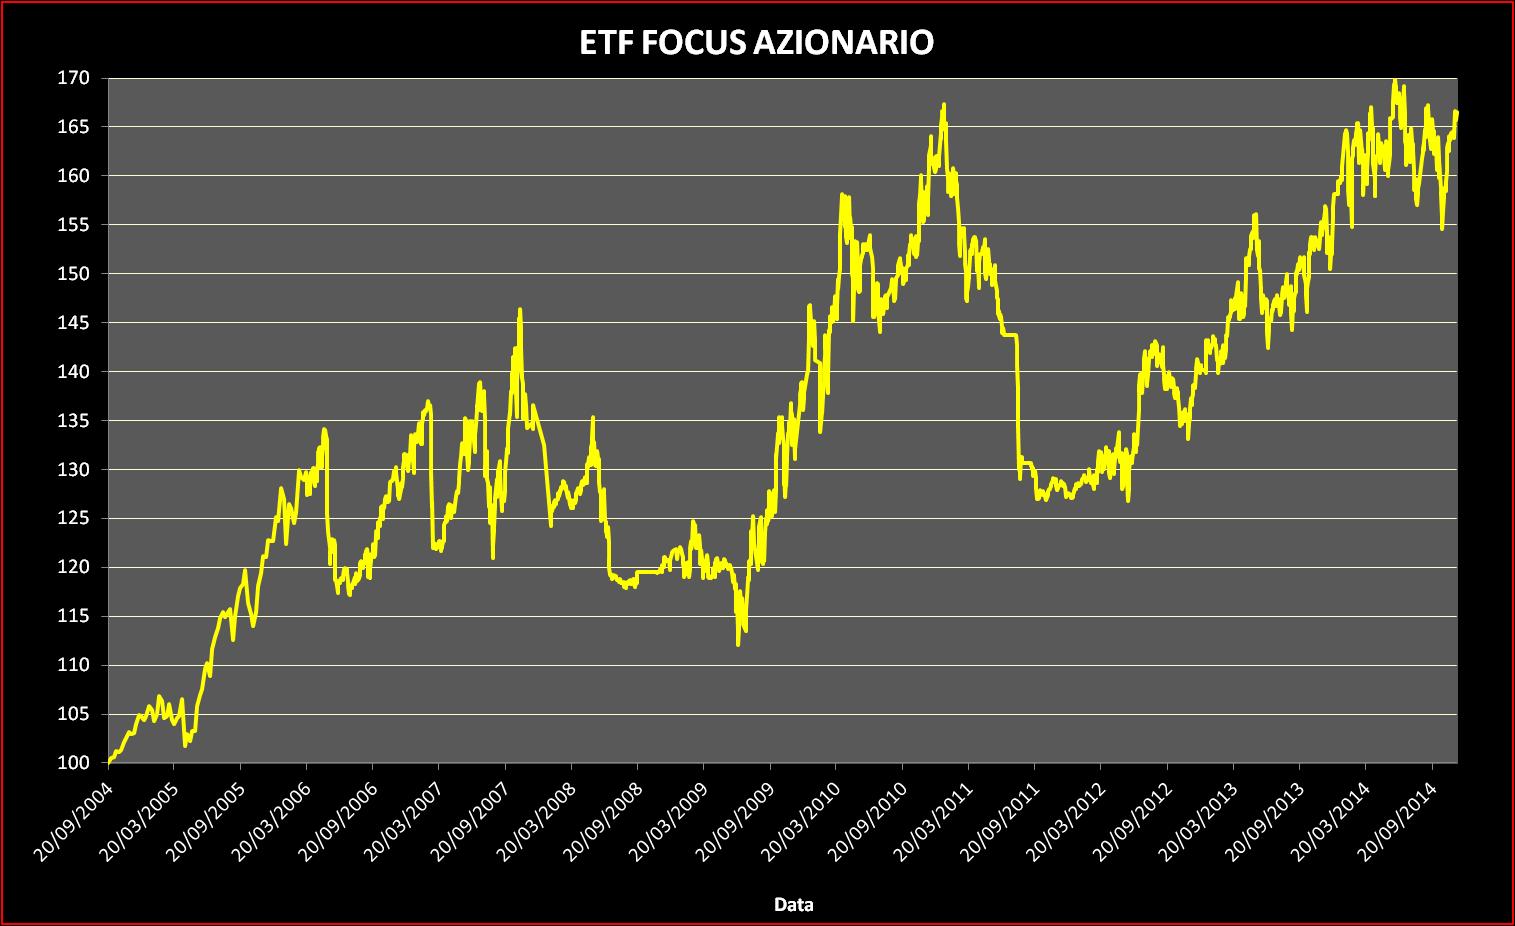 Andamento ETF Focus Azionario